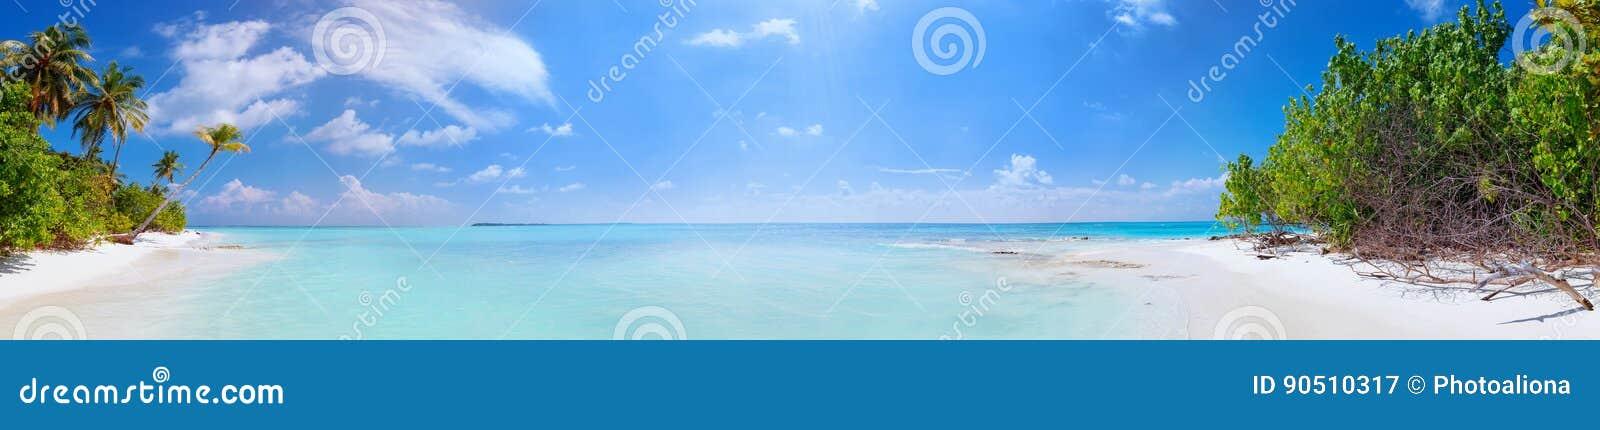 Панорама пляжа на острове Fulhadhoo Мальдивов с белыми песочными идилличными совершенными пляжем и ладонью моря и кривой